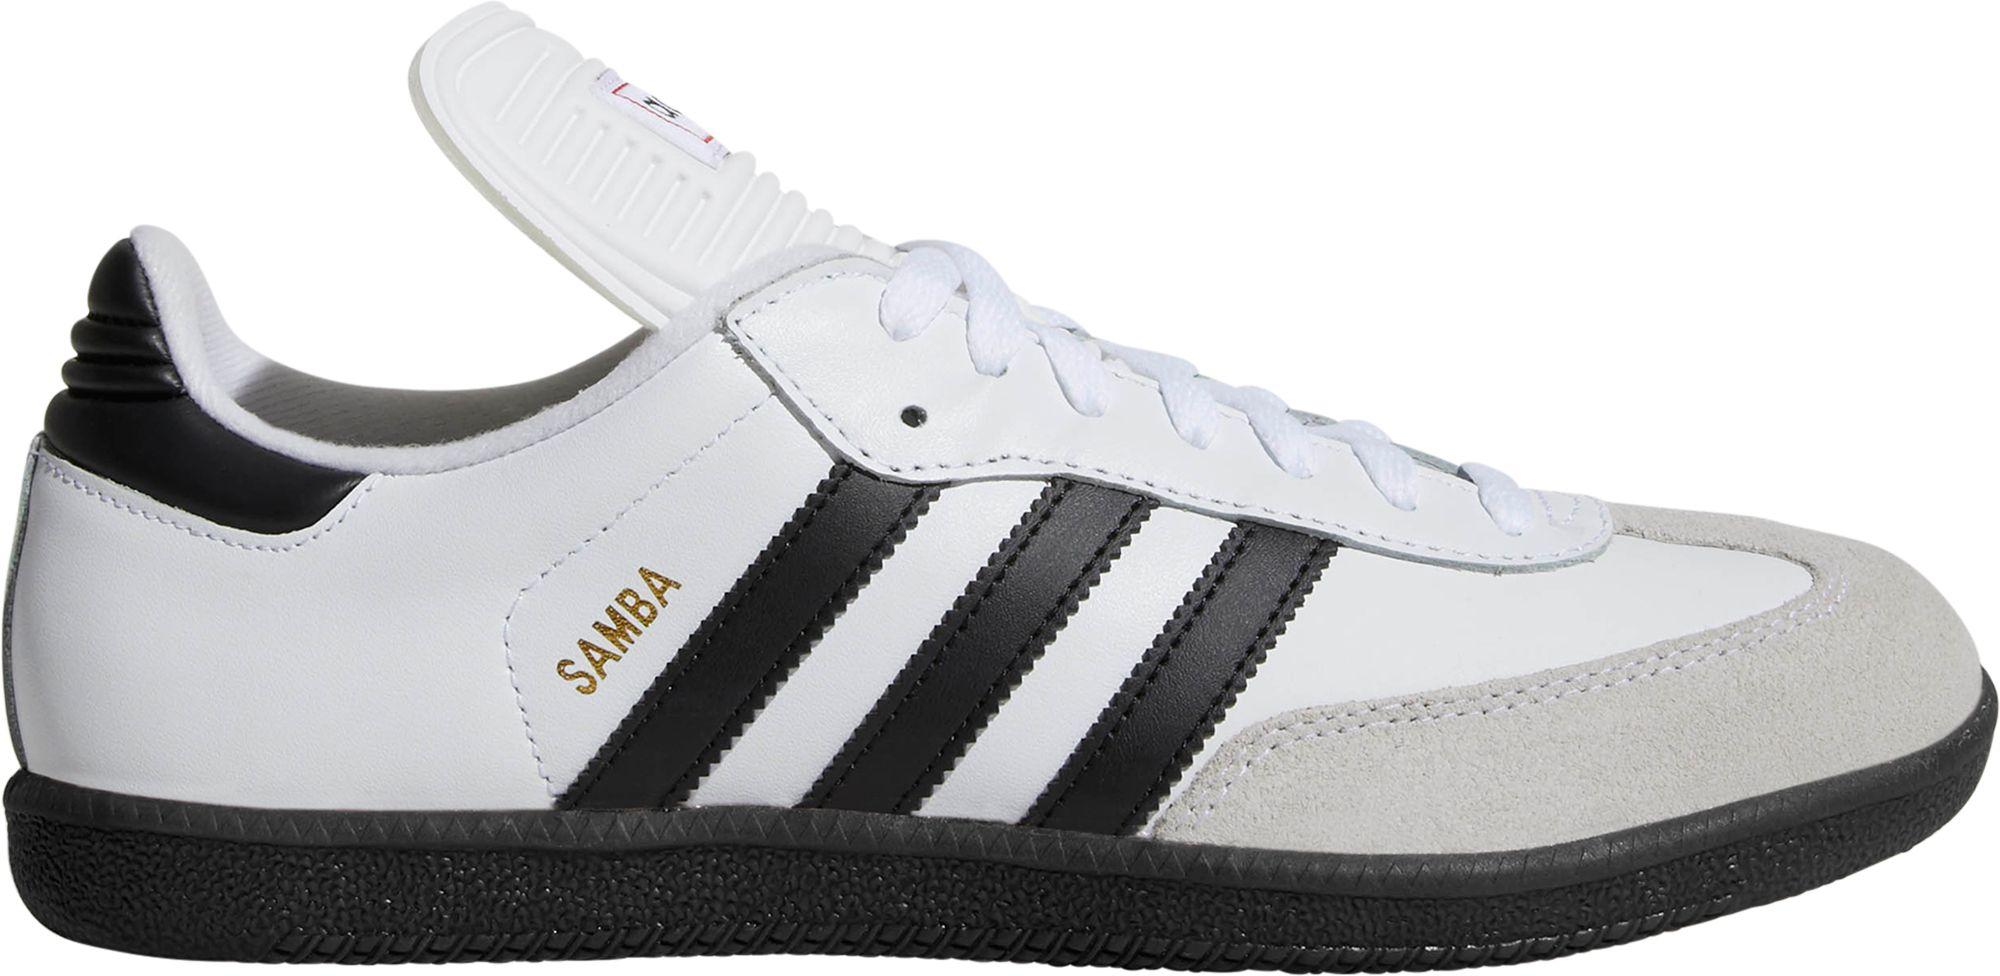 big 5 adidas samba